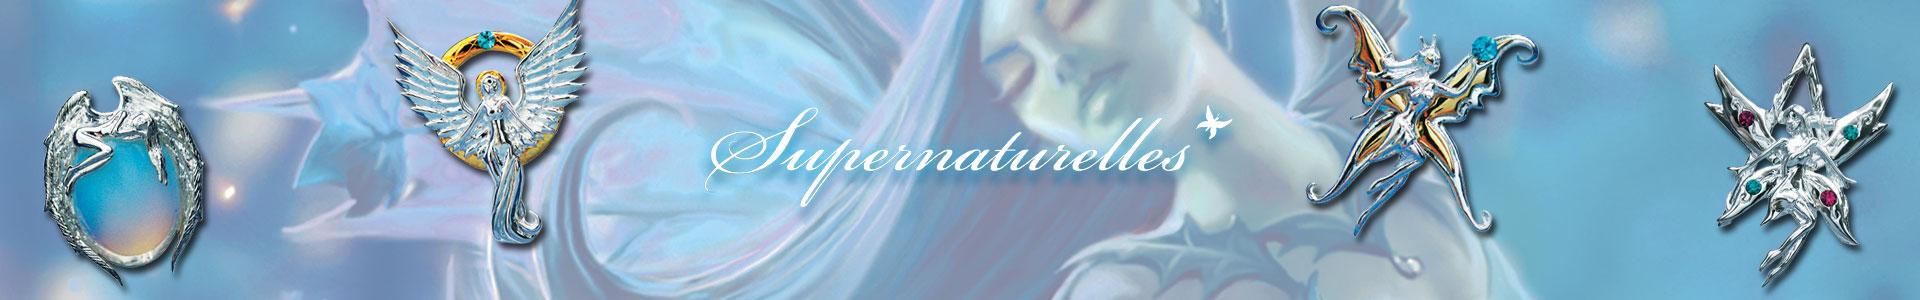 Supernaturelles